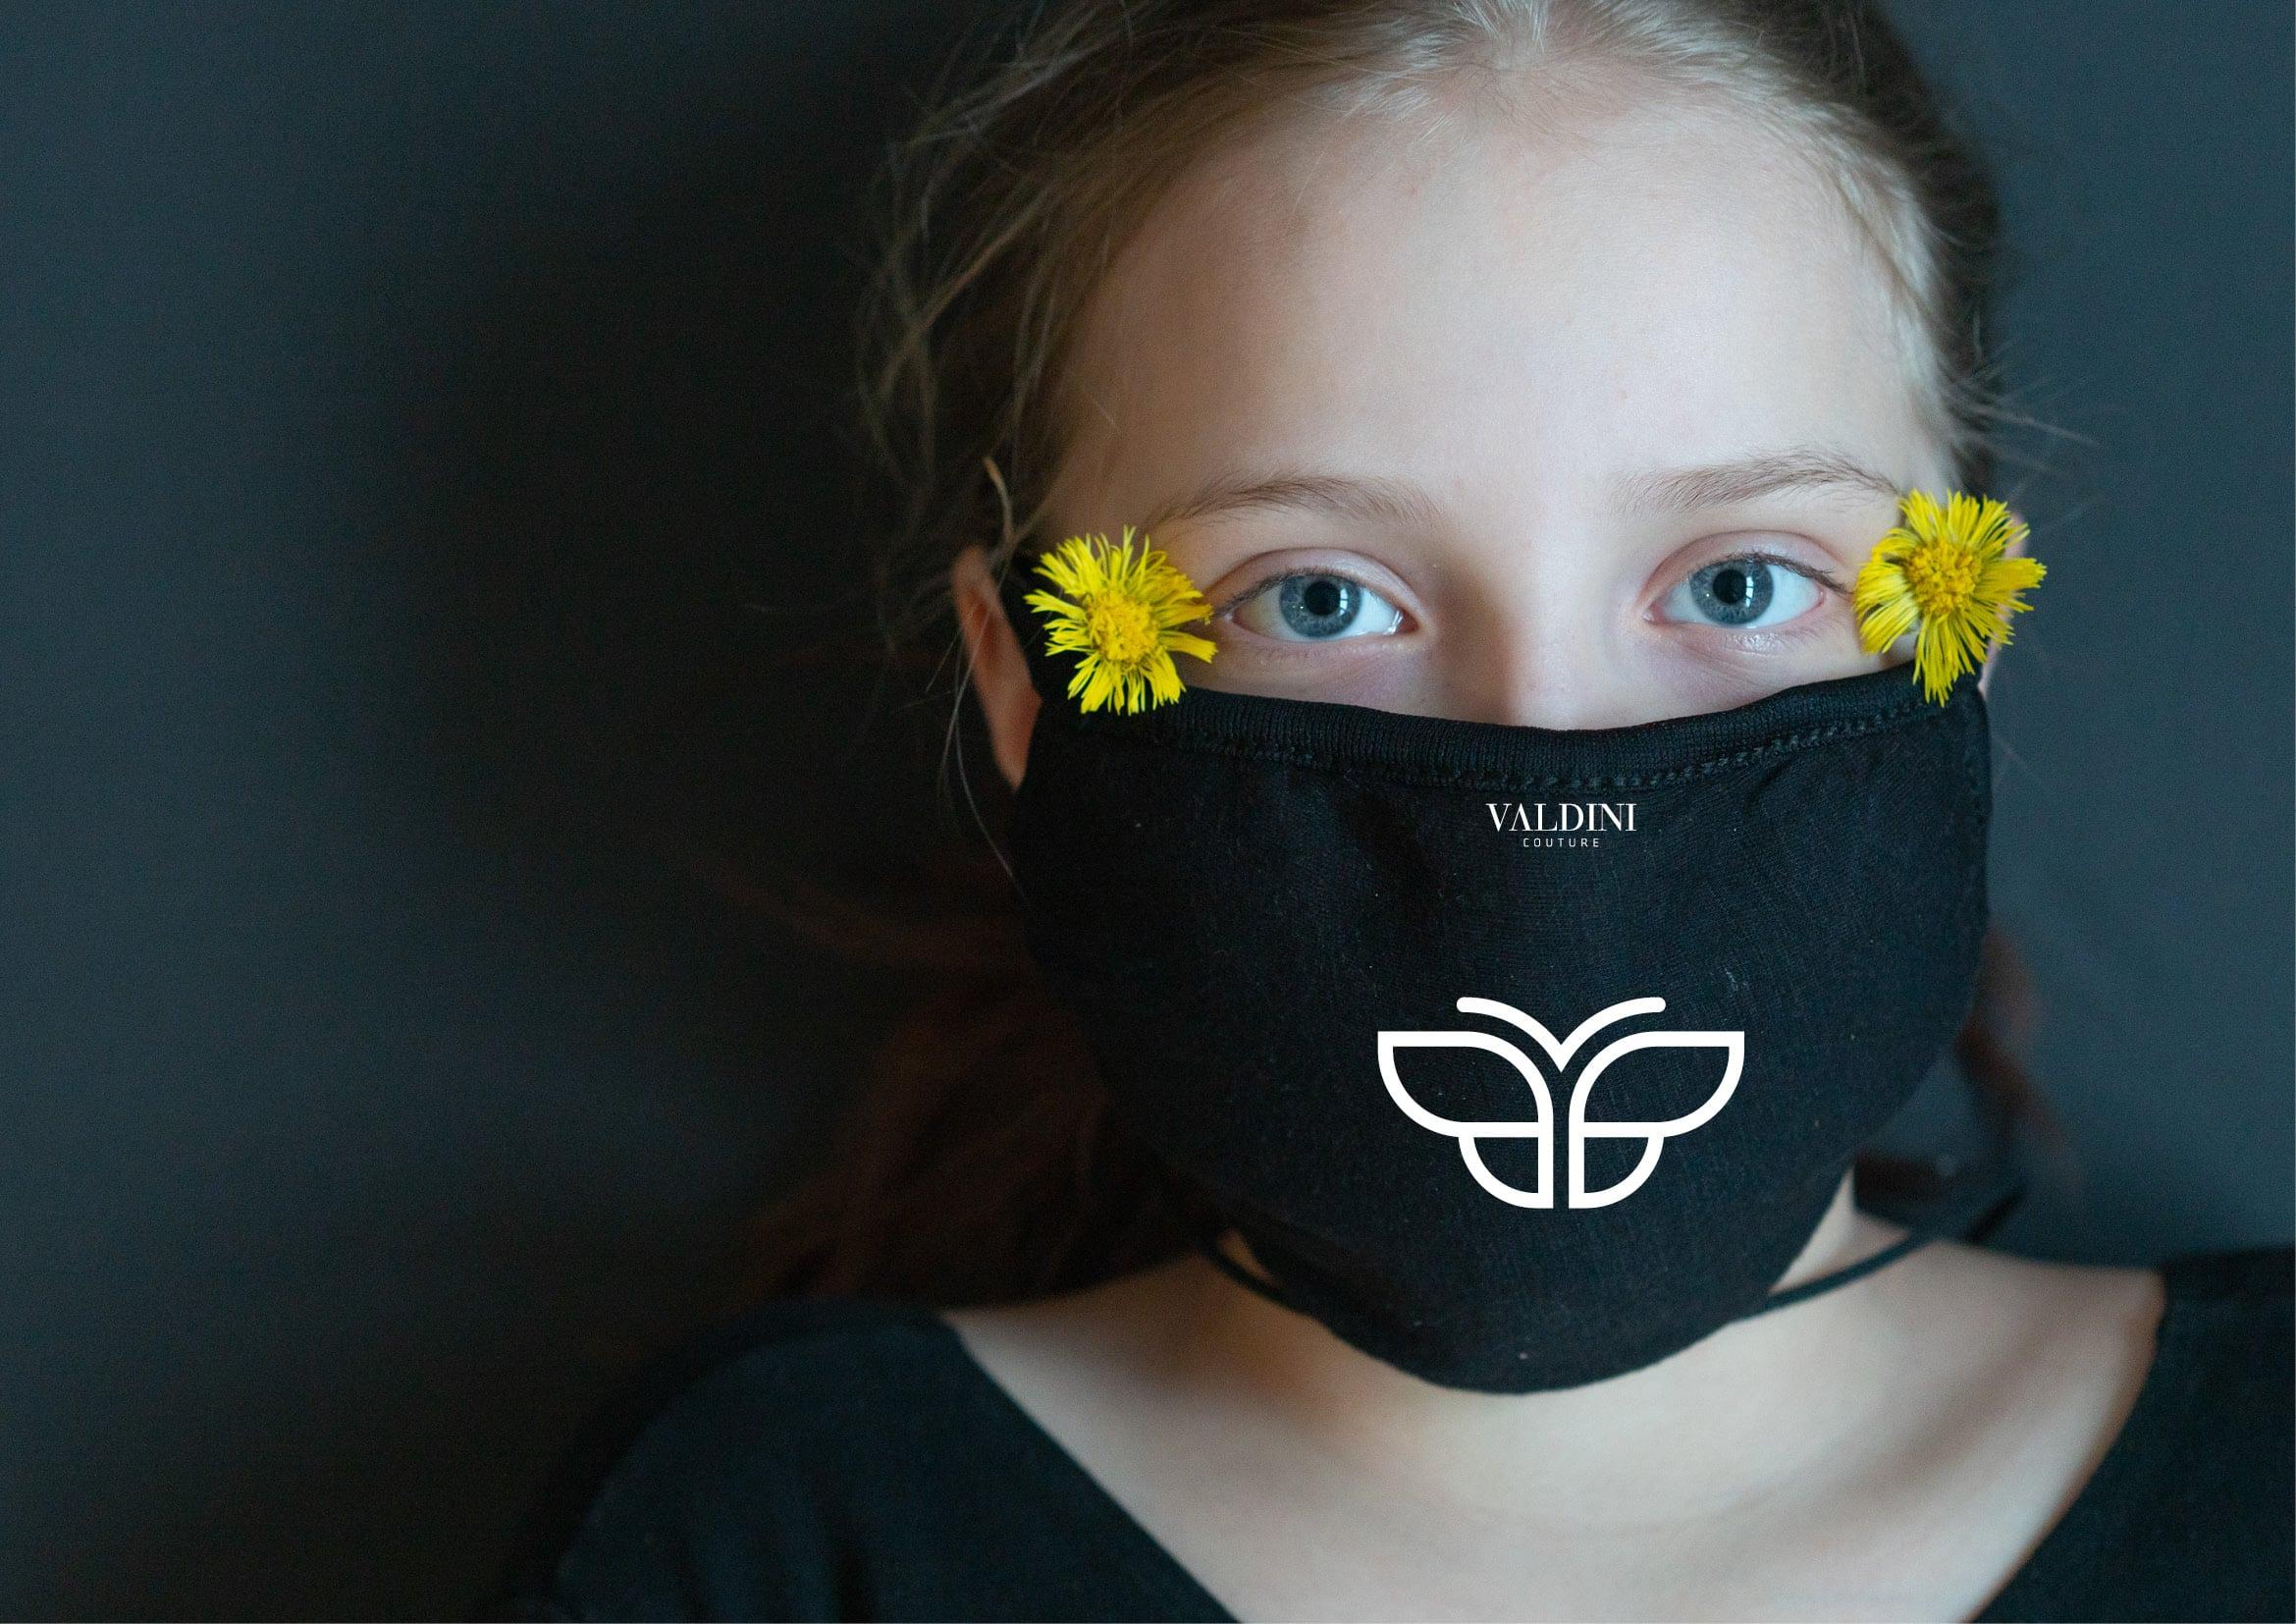 Stylischer Mundschutz für Modedesignerin